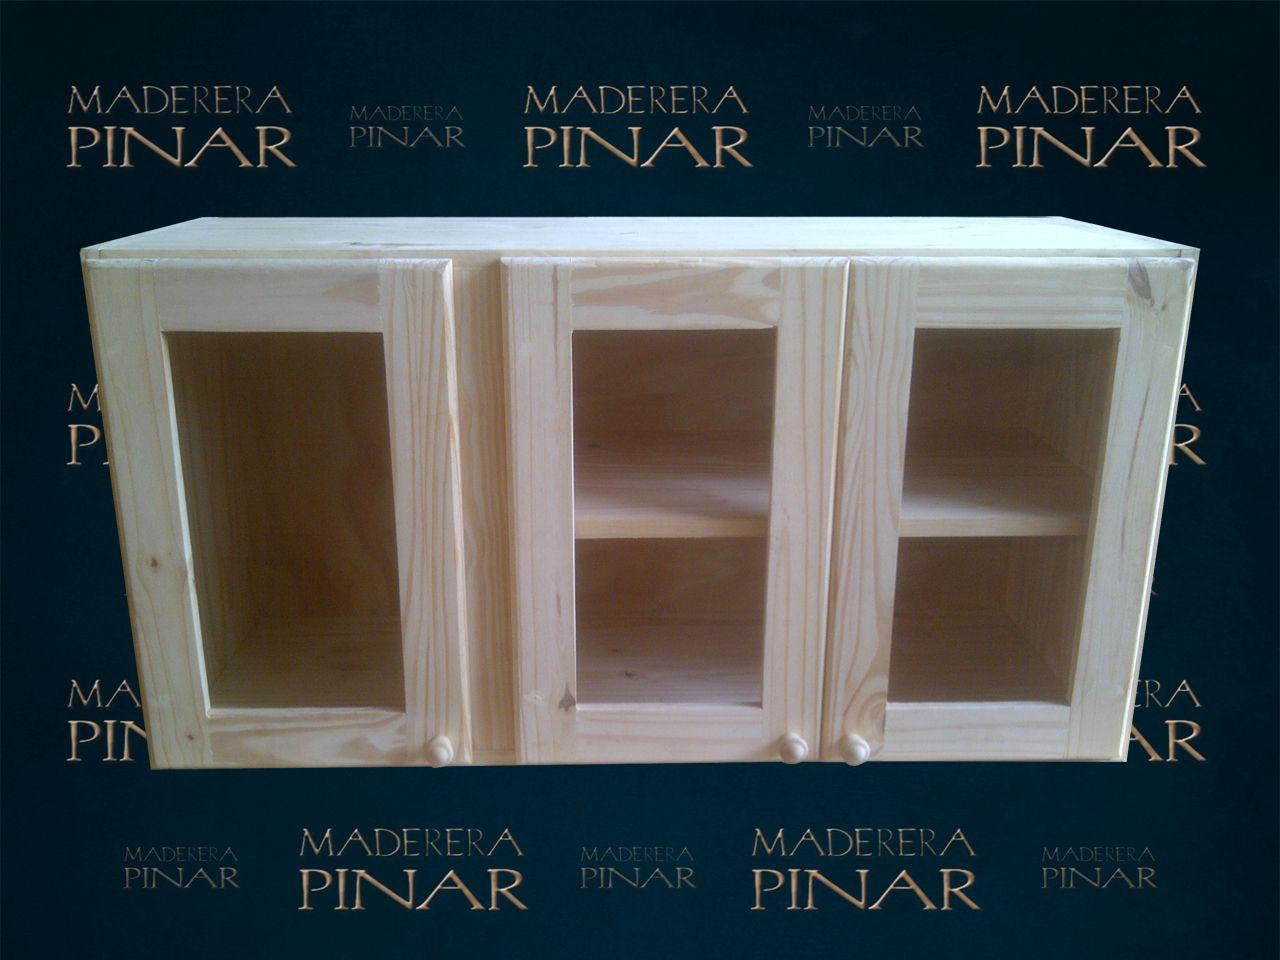 Alacena de pino con puertas para vidrio medidas 1 20 x 0 for Fabrica de muebles de pino precios